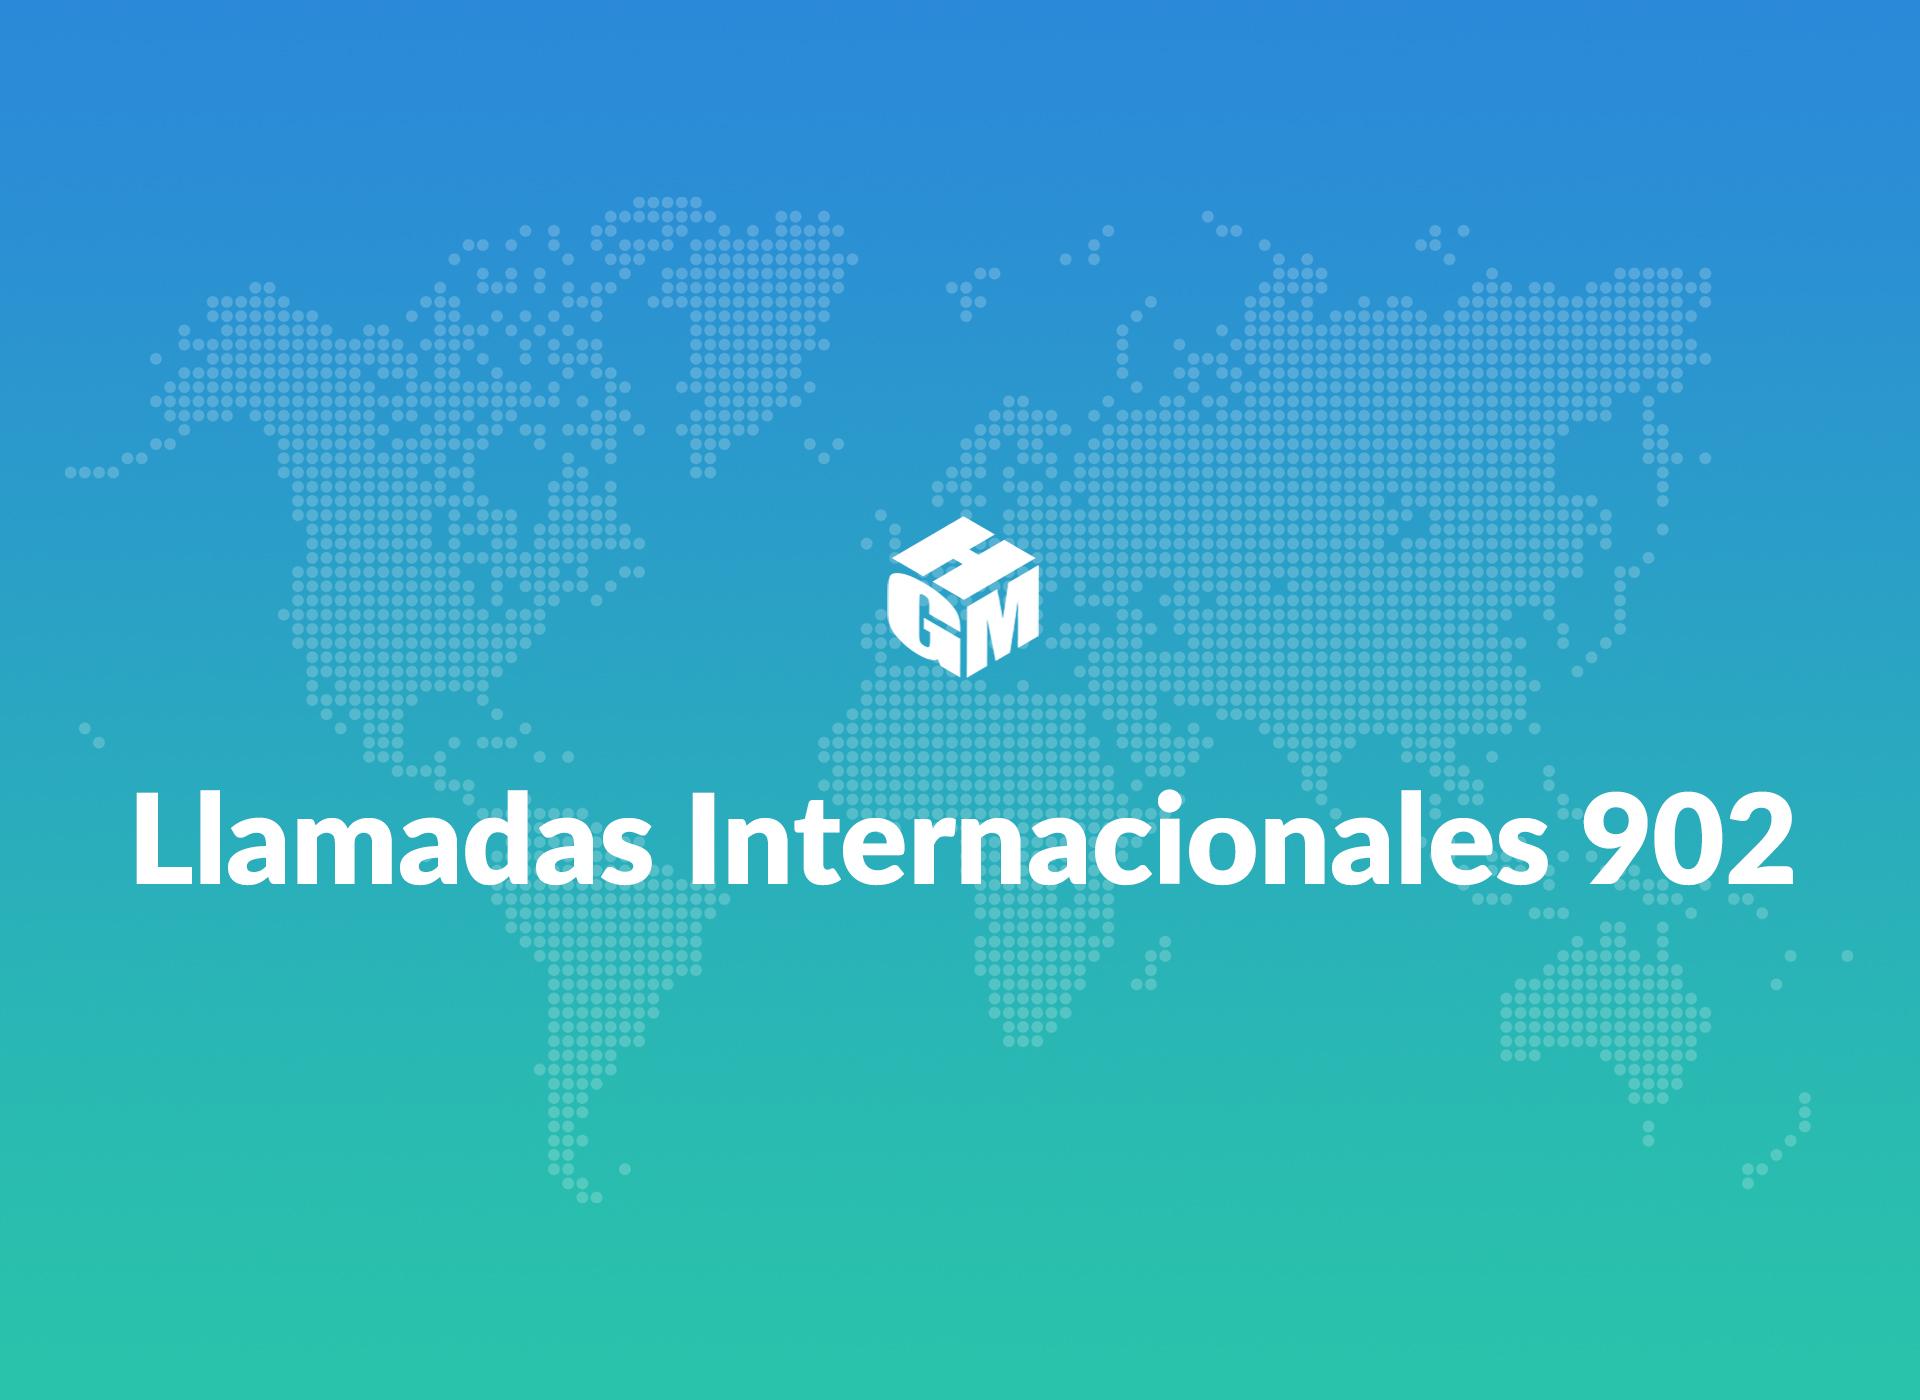 Llamadas Internacionales 902